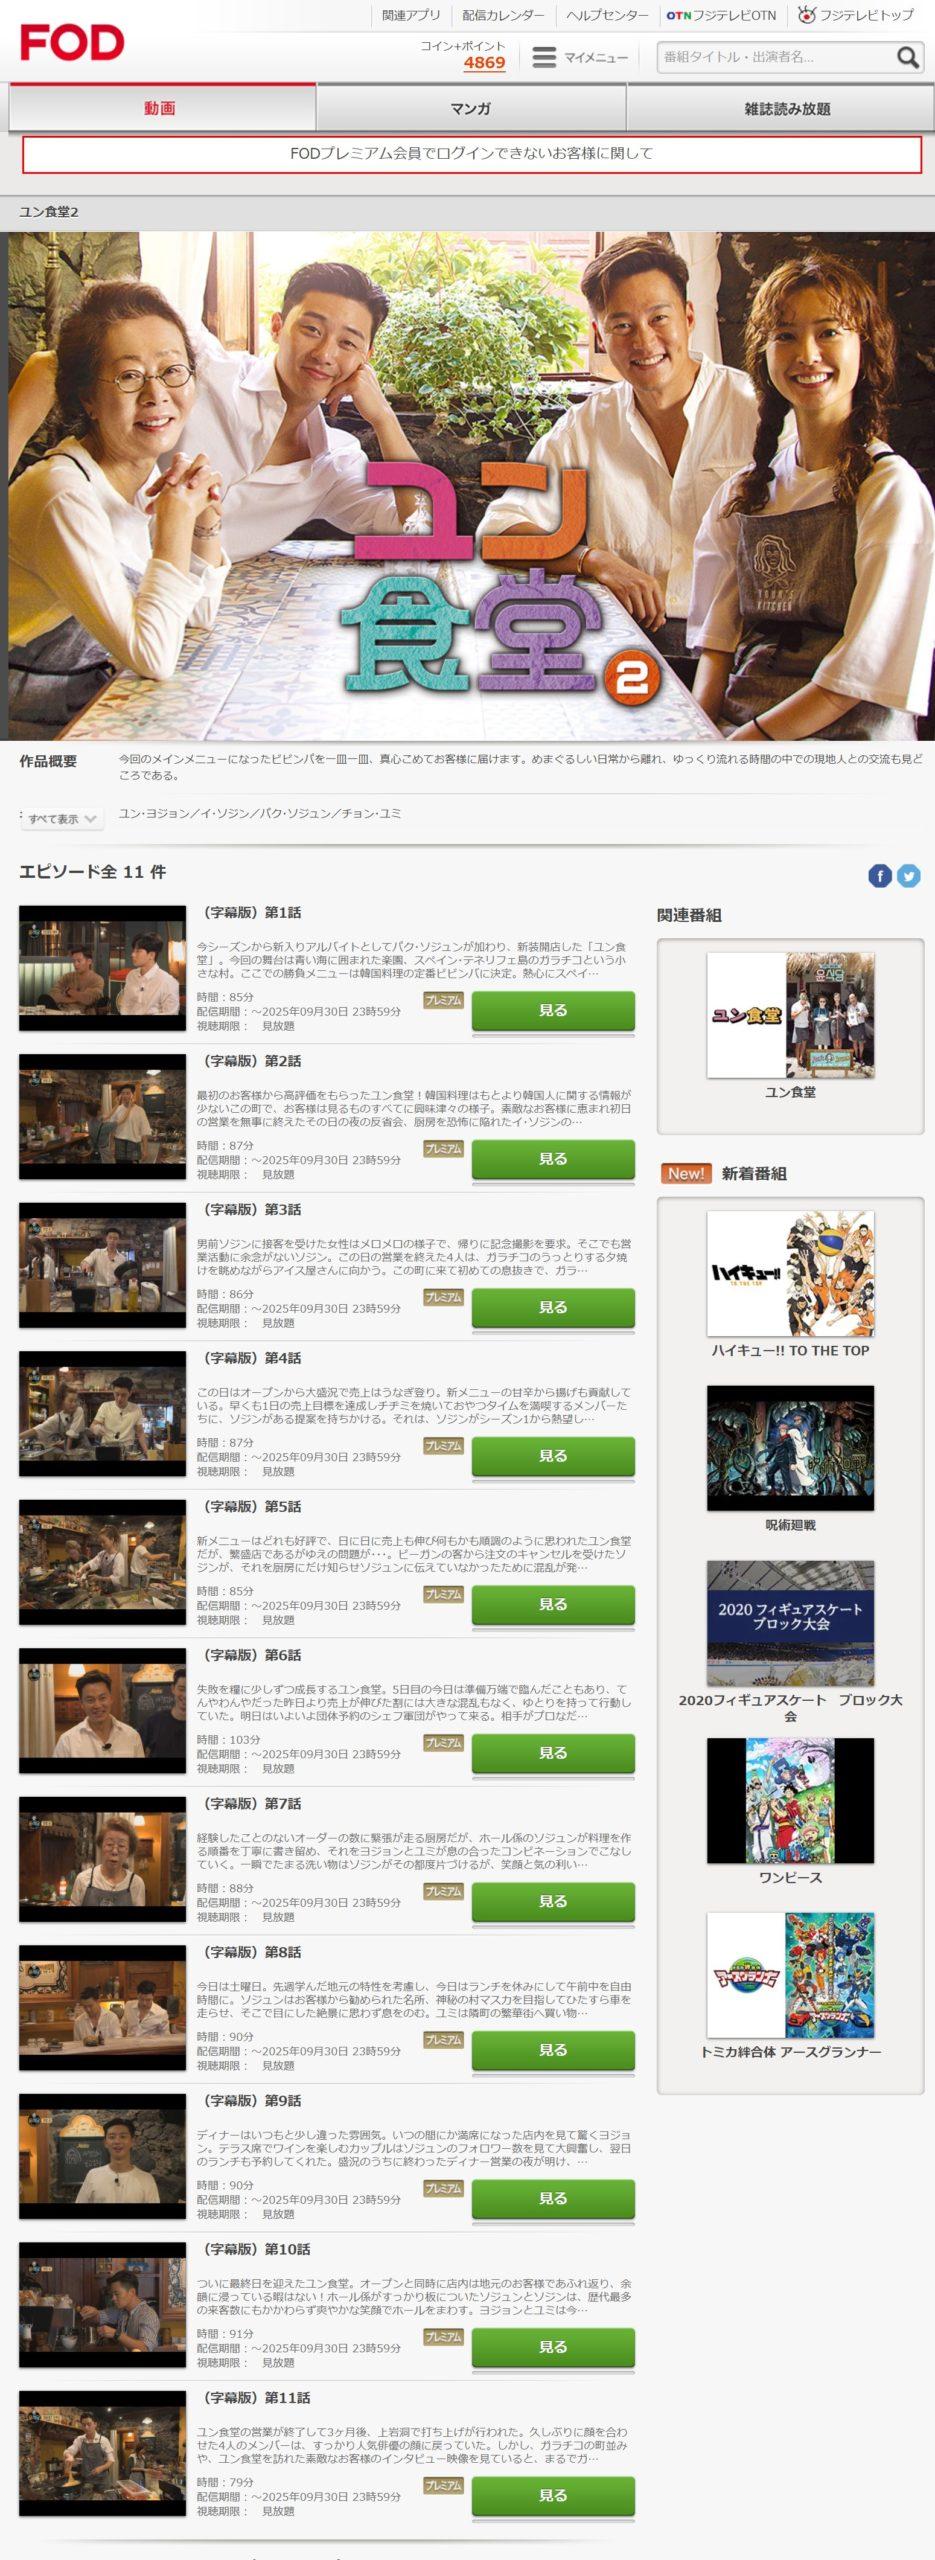 ユン食堂2(パクソジュン)の動画無料視聴方法FOD